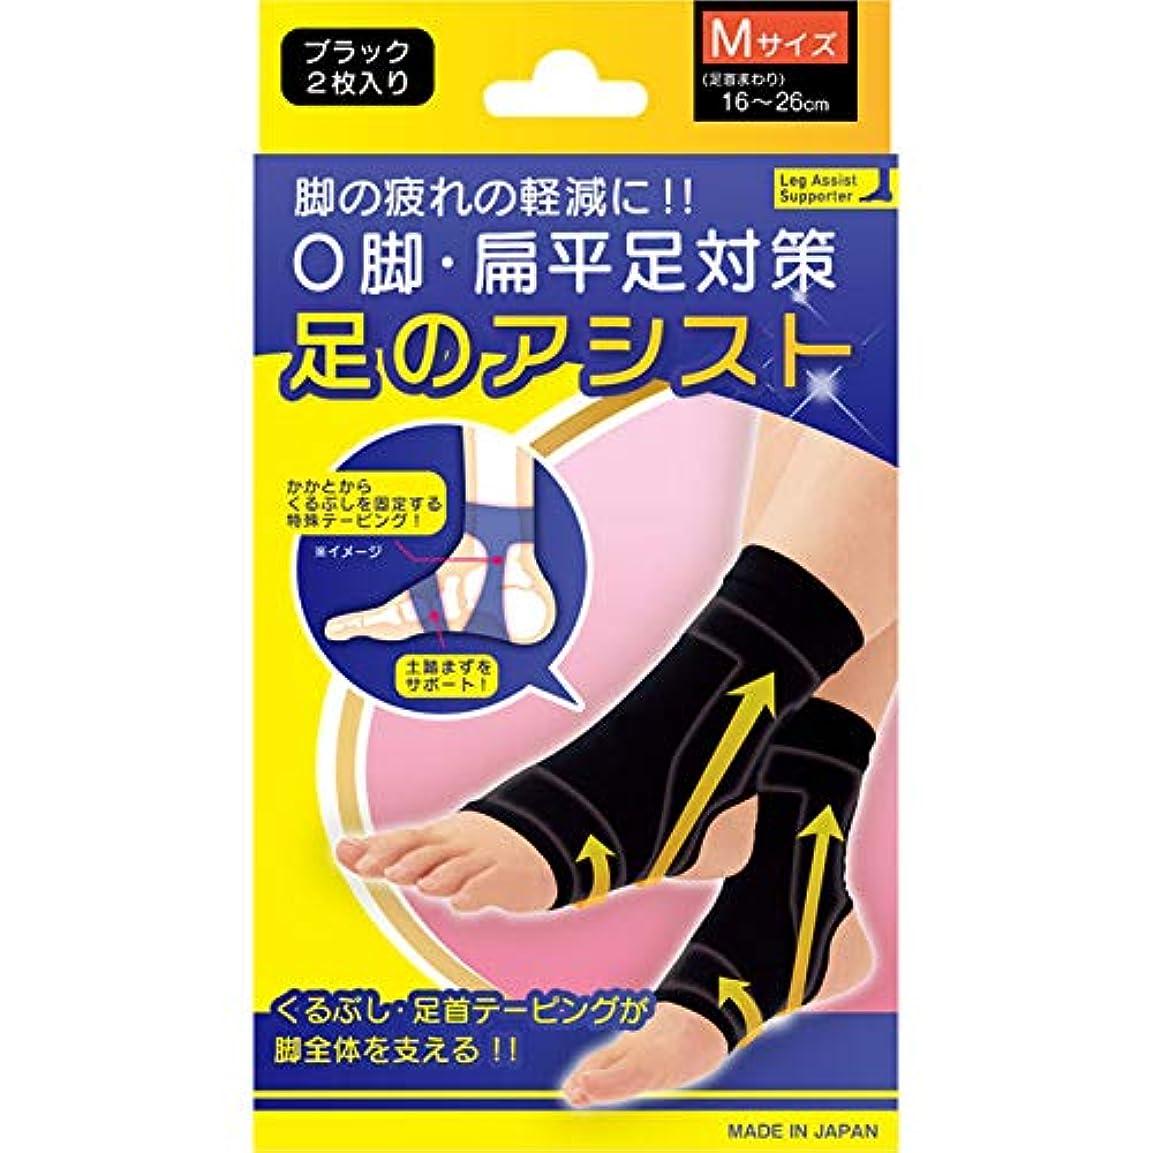 ハム職業有効化美脚足のアシスト ブラック 2枚入り Mサイズ(足首まわり16~26cm)